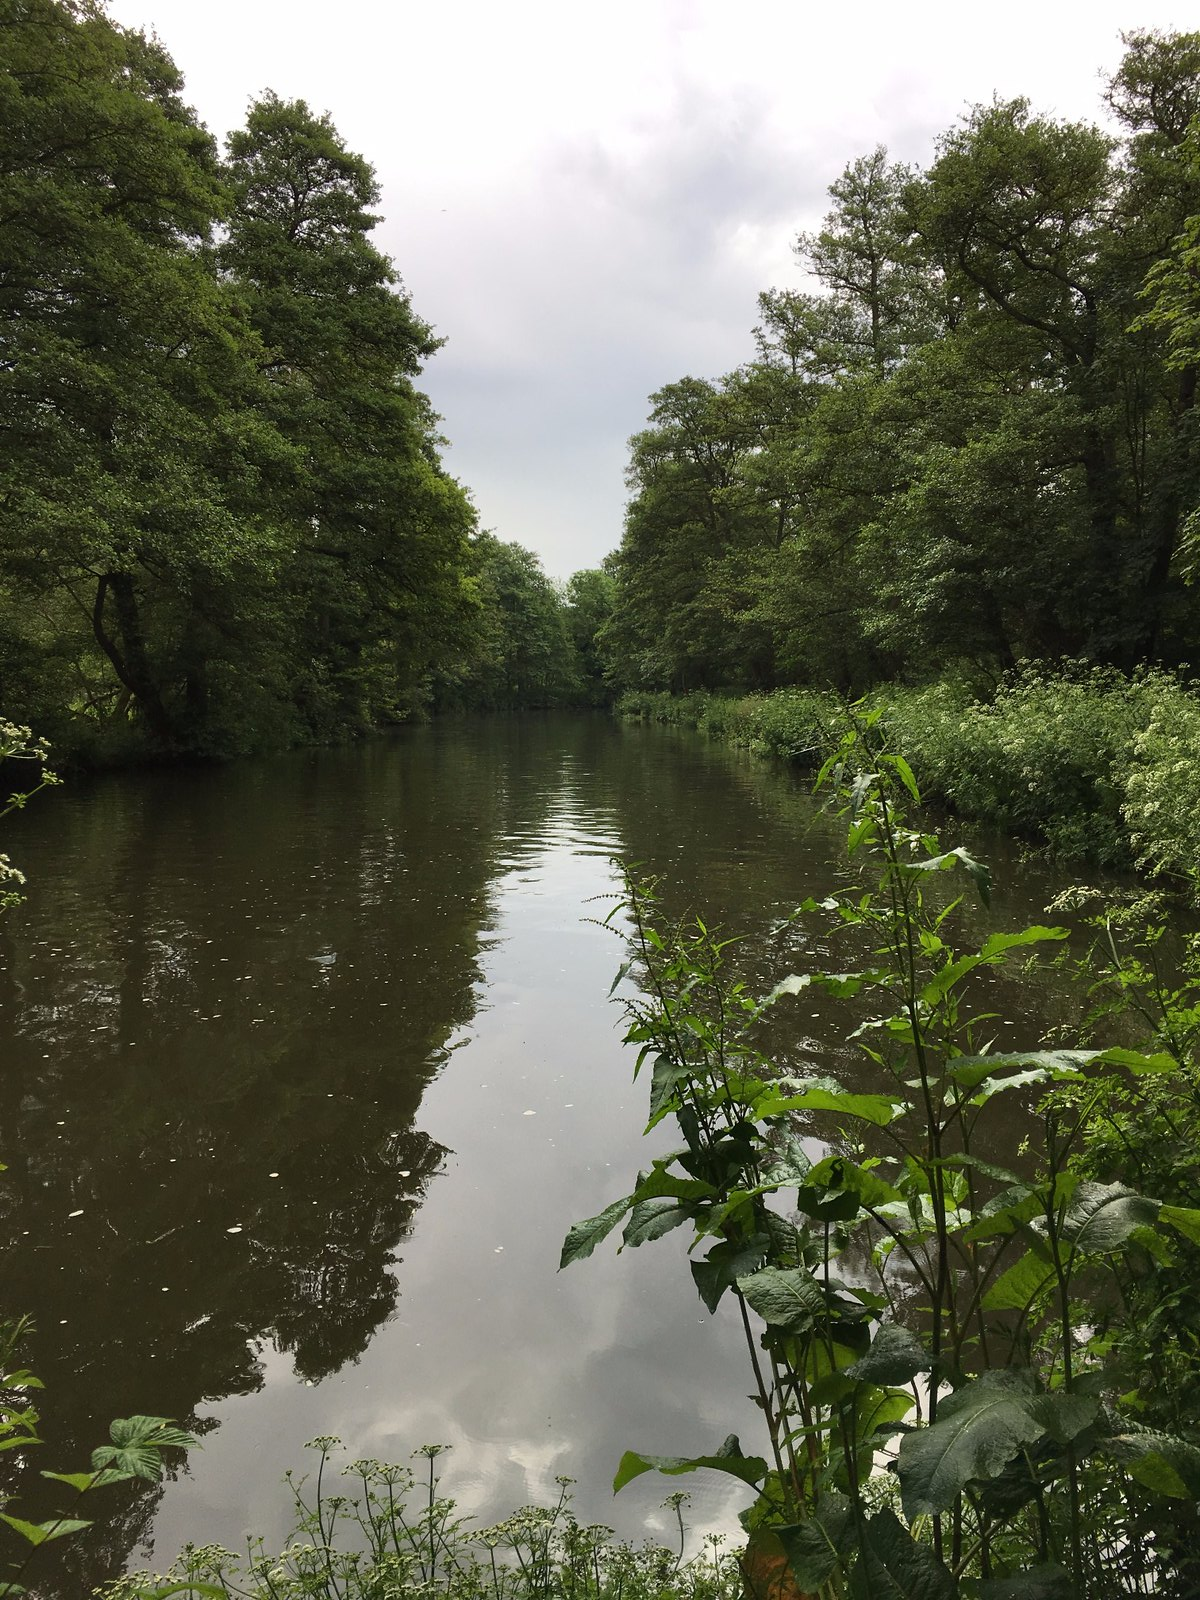 River Wey